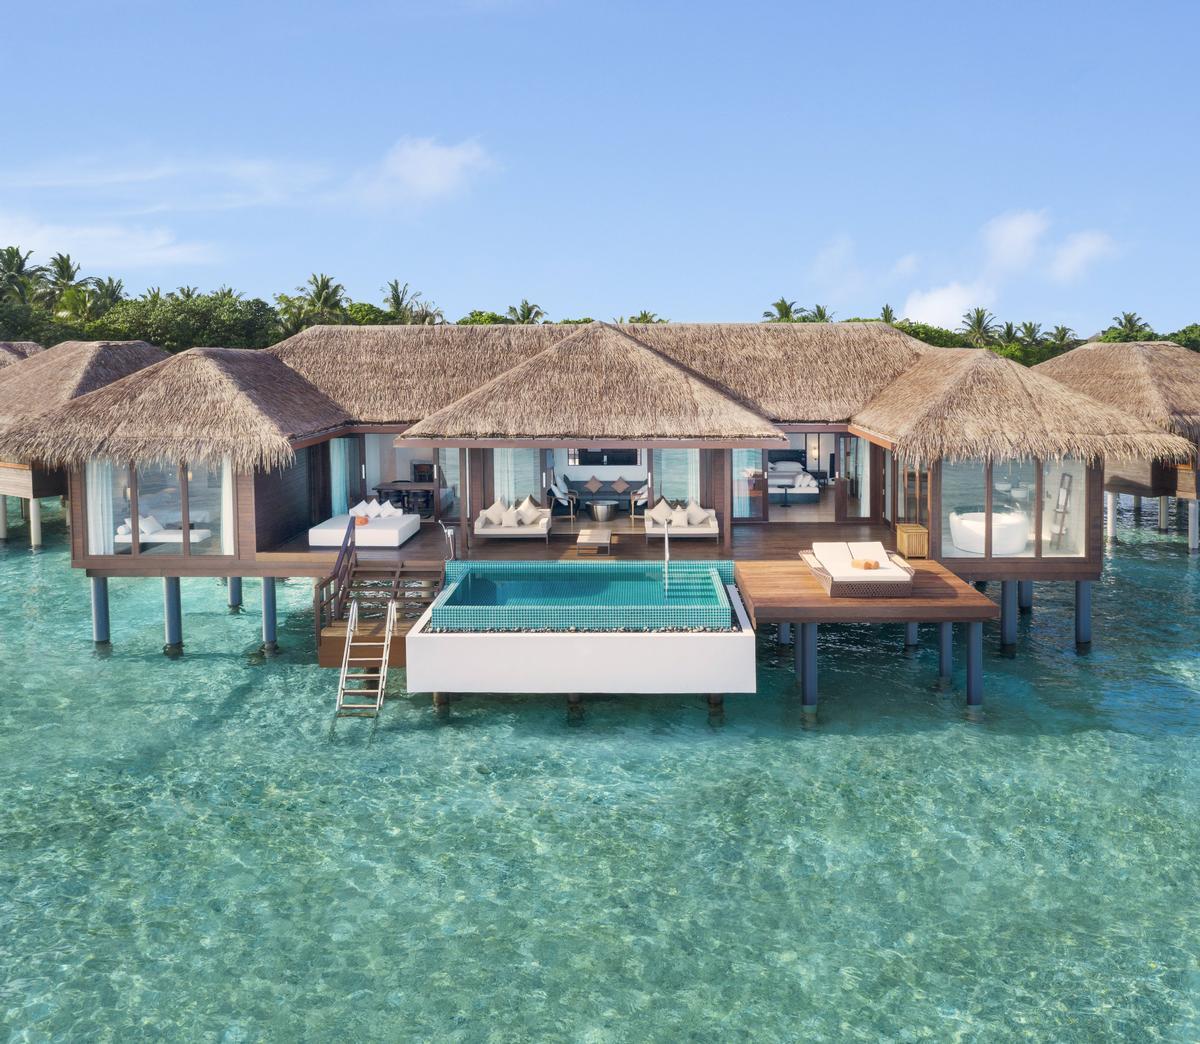 A two-bedroom Water Villa at the Sheraton Maldives resort